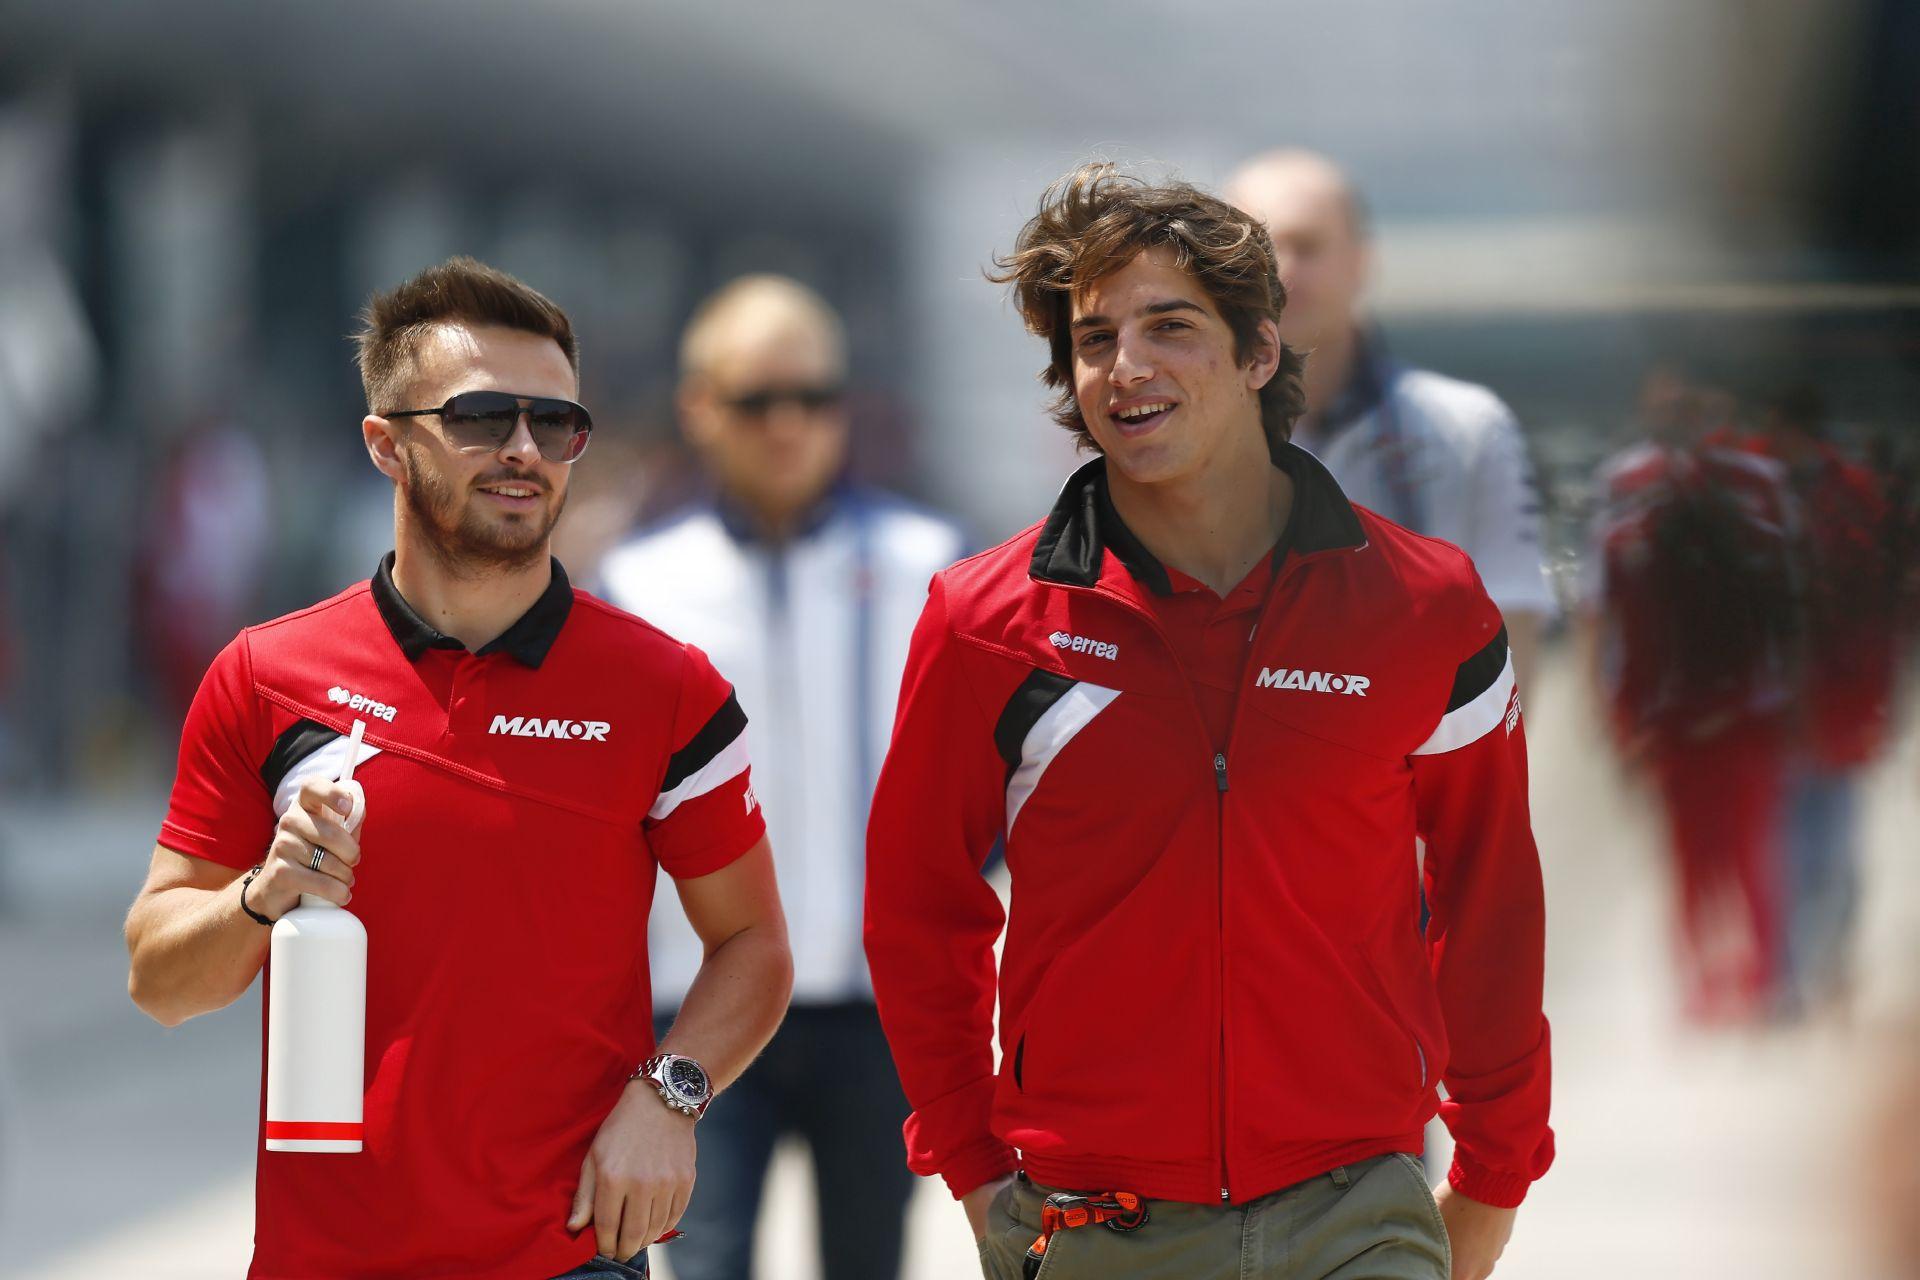 Manor F1 Team: Az új autó 80%-ban kész van